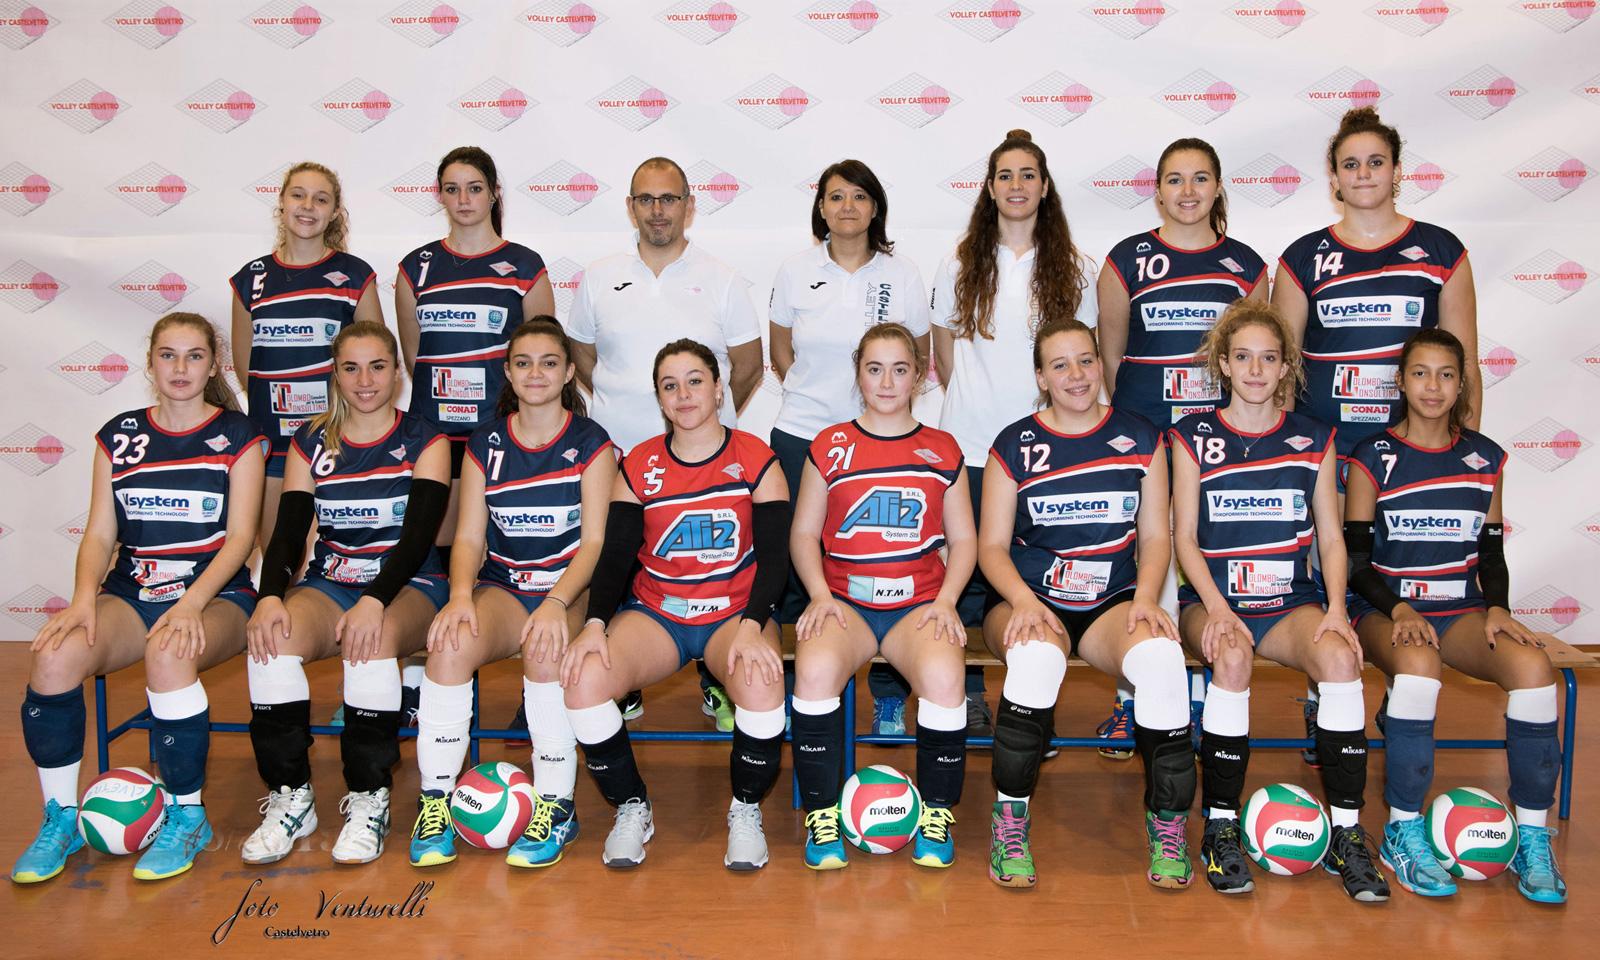 Volley Castelvetro under 18 Fipav